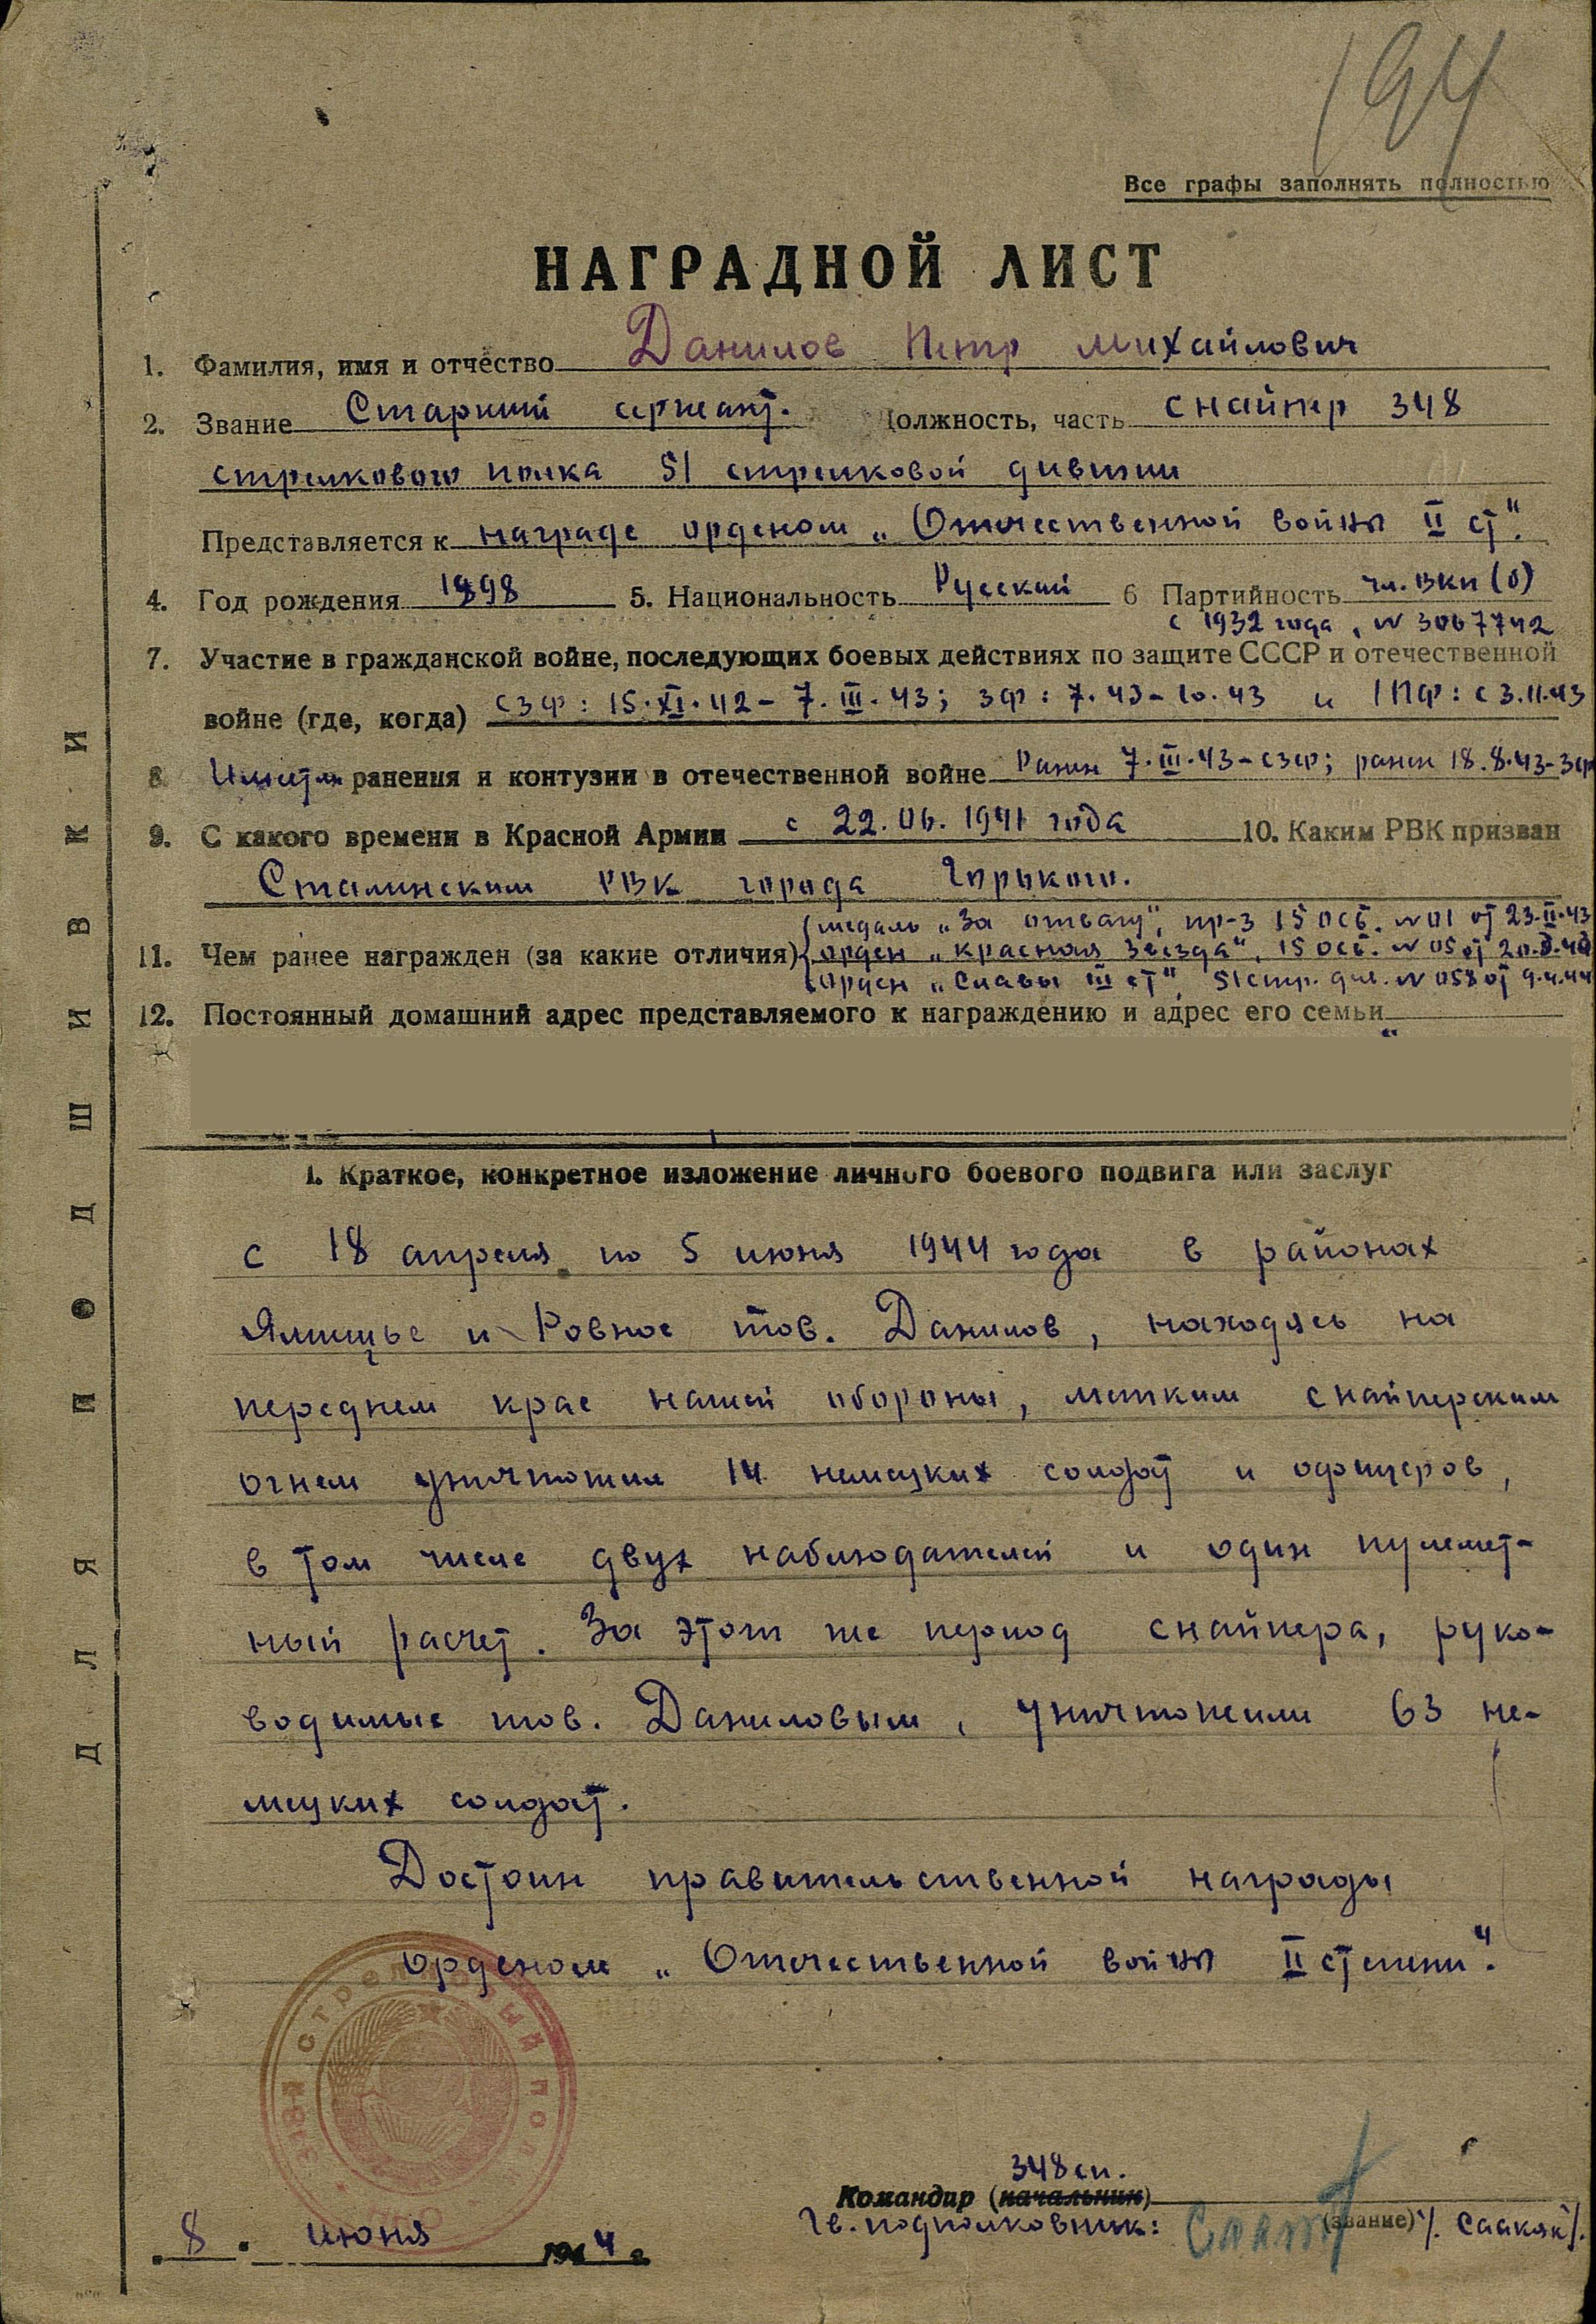 Наградной лист Данилова Петра Михайловича о представлении к награждению орденом Отечественной войны II степени